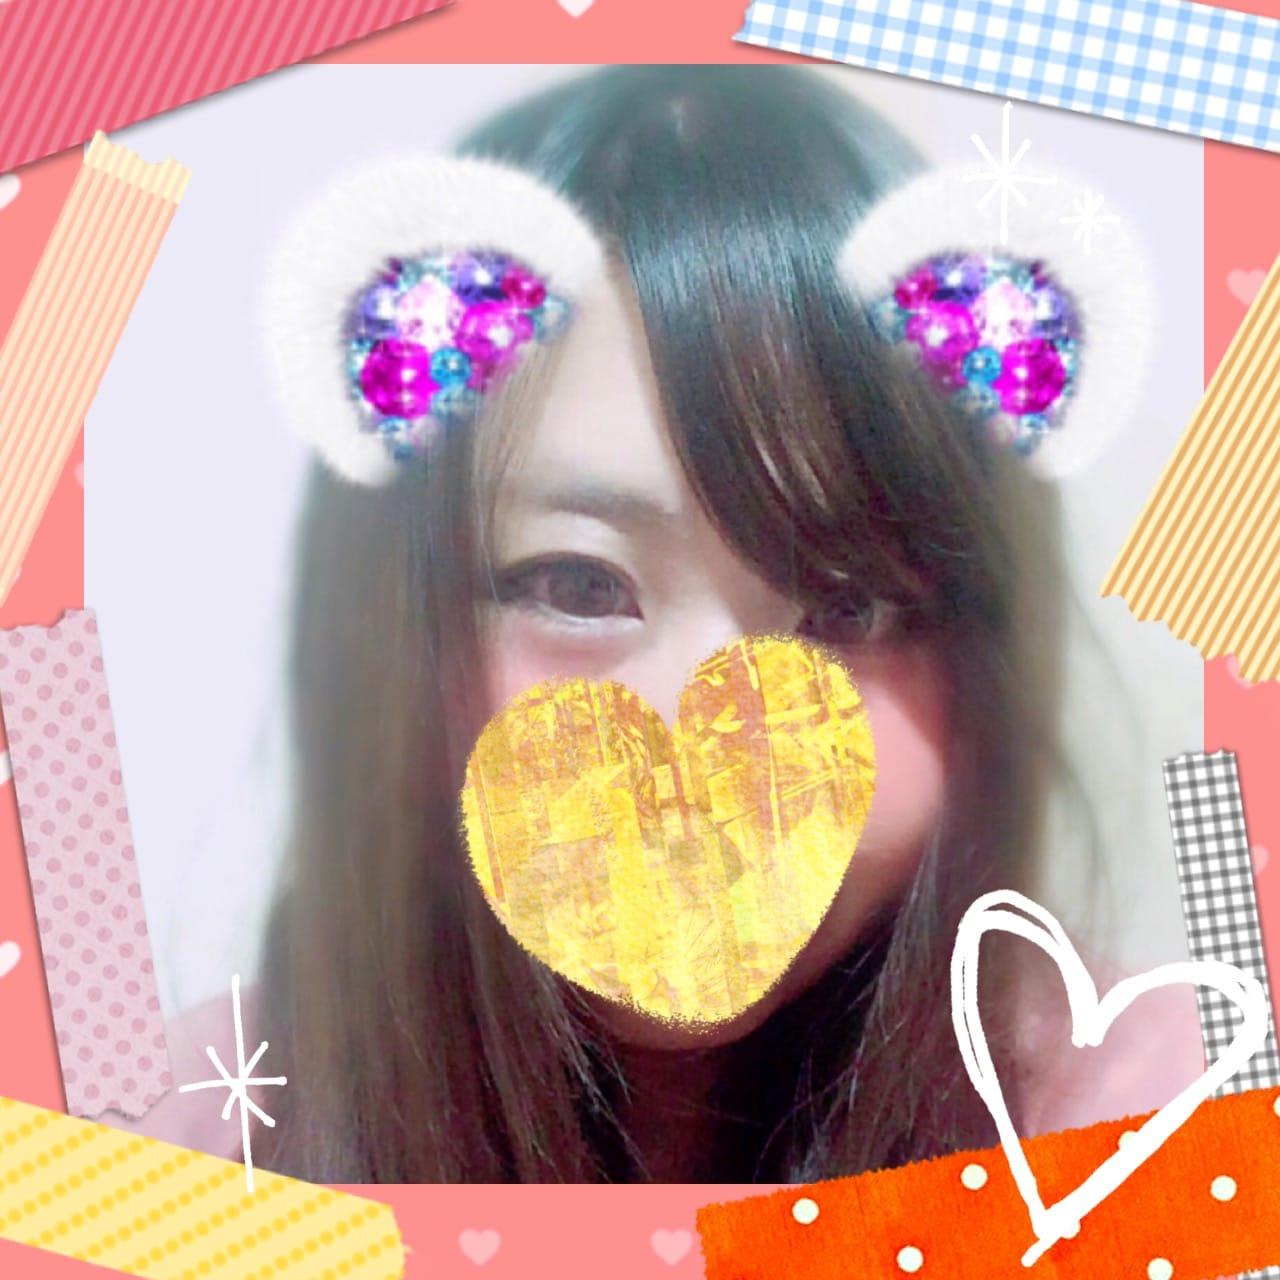 「お久しぶり」03/21(水) 11:13 | ゆかちゃんの写メ・風俗動画